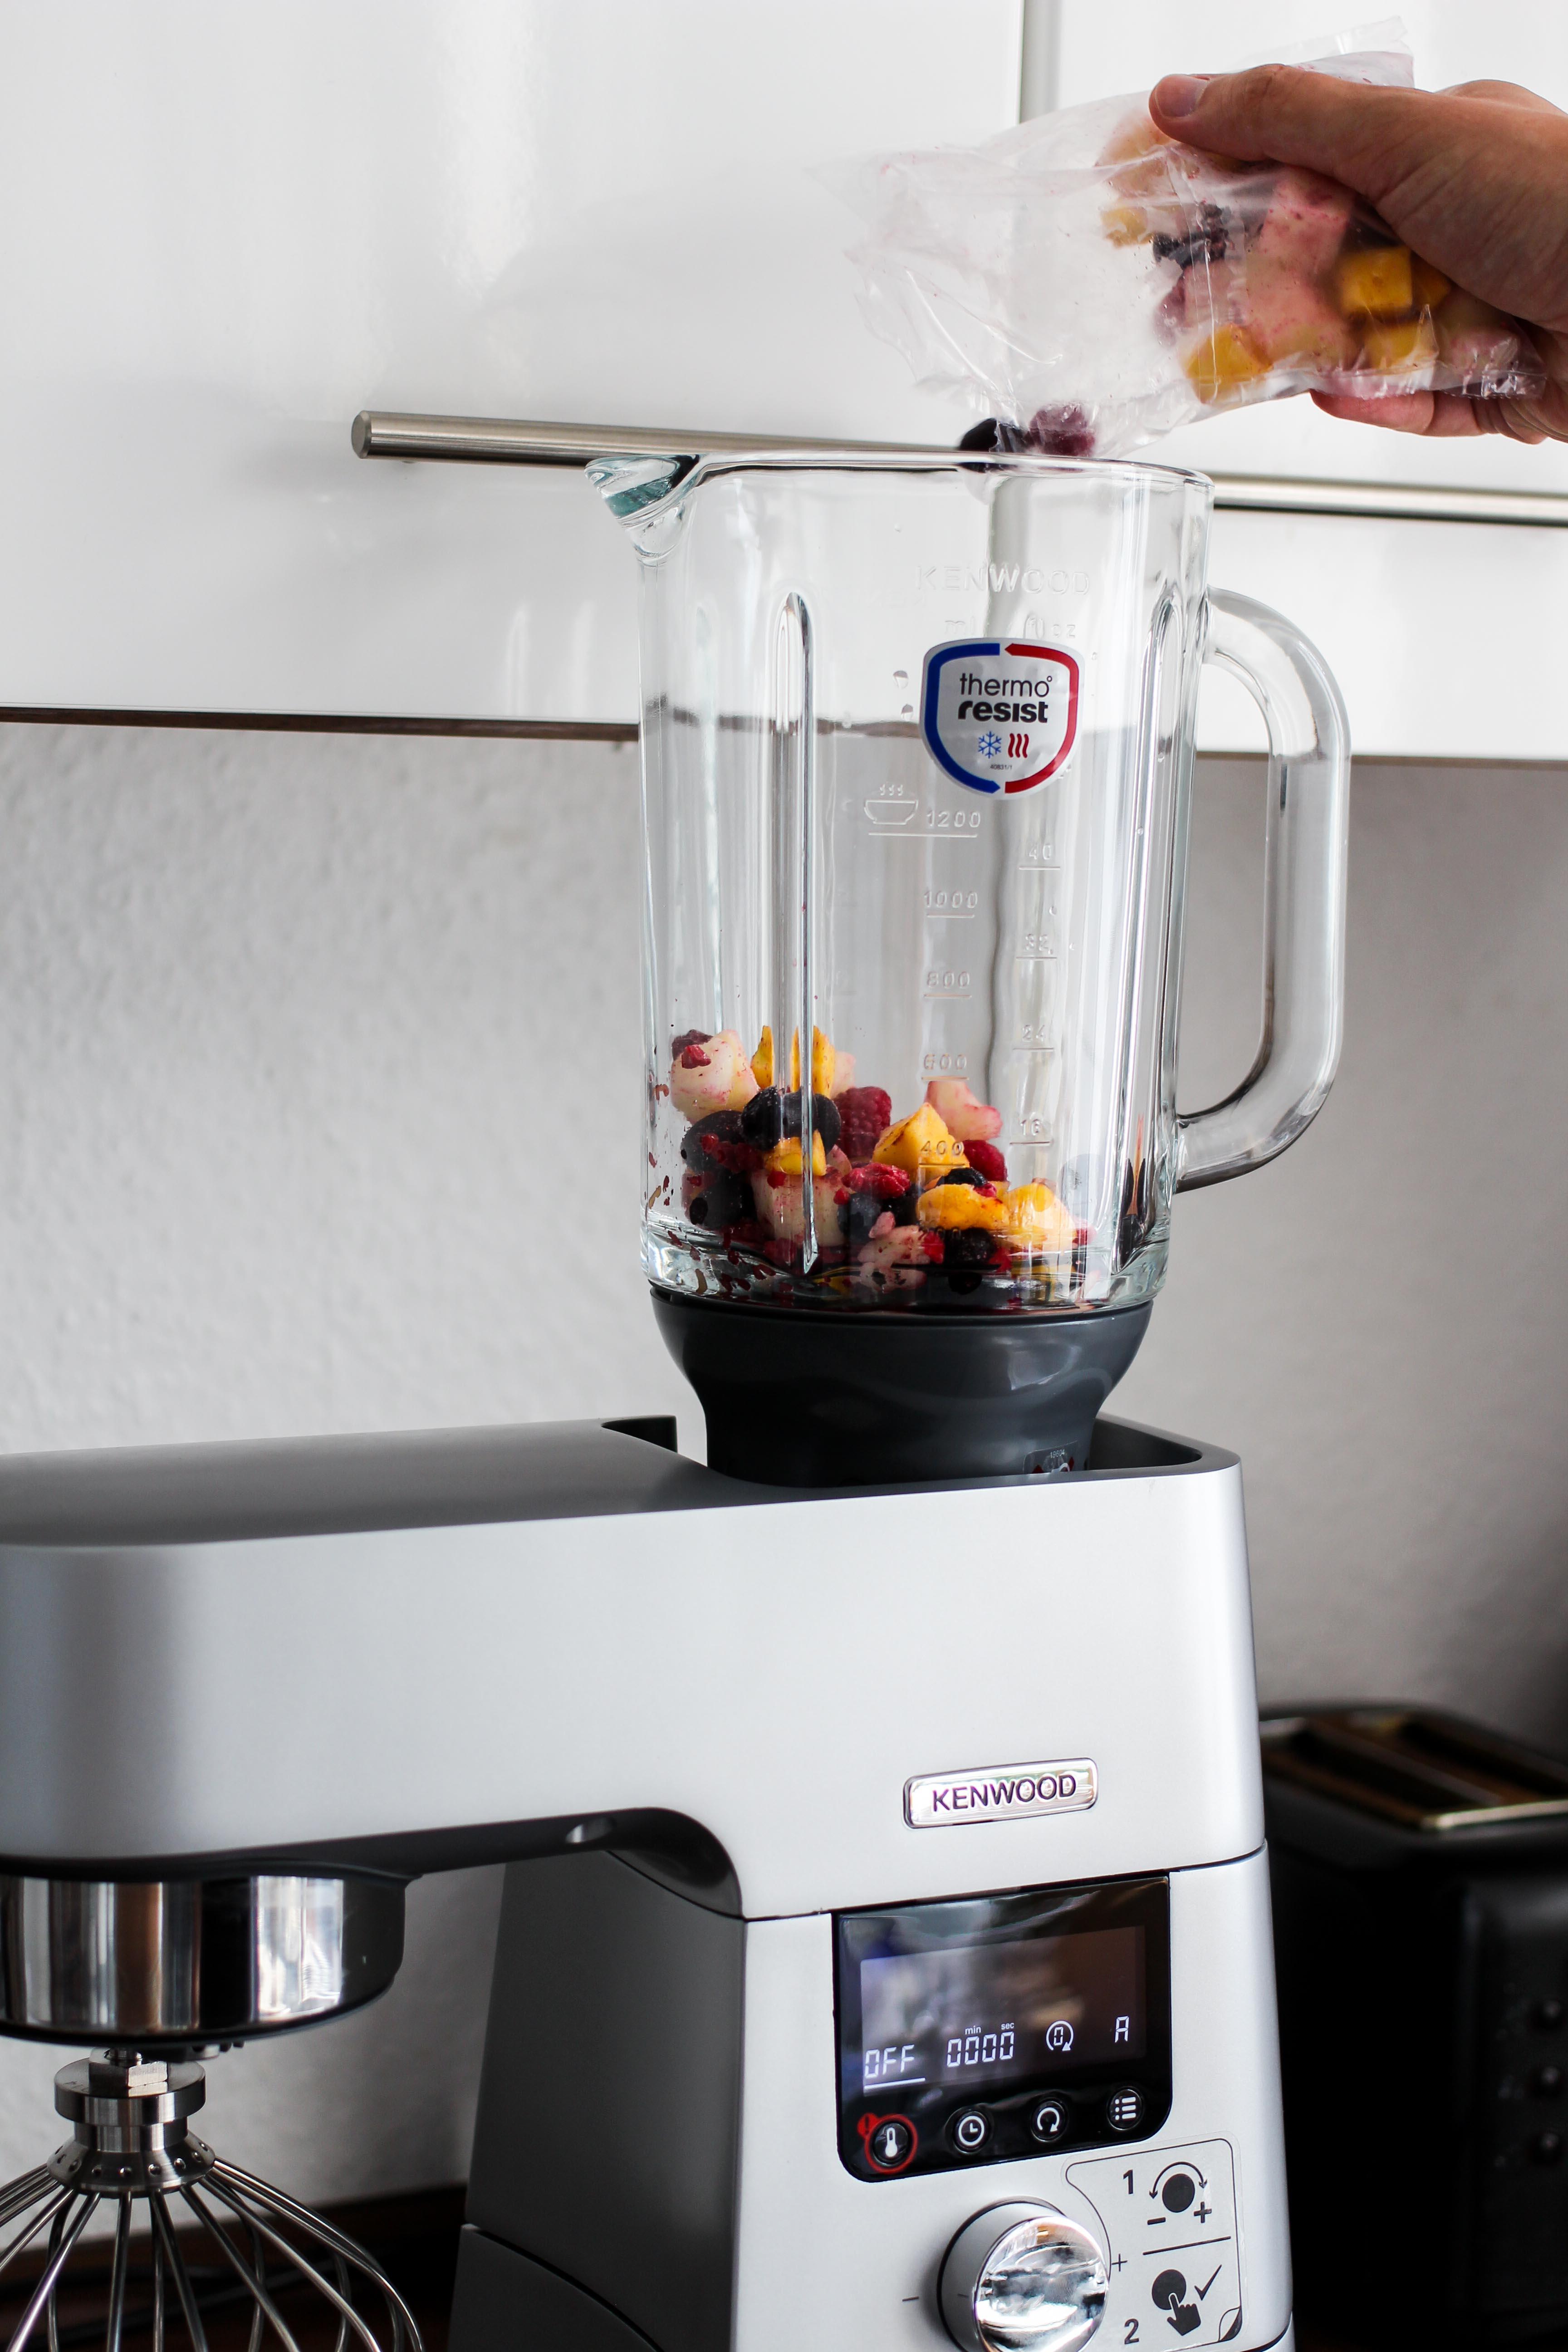 Amazon Kenwood Cooking Chef Gourmet KCC9060S Küchenmaschine ThermoResist Glas-Mixaufsatz Früchte Smoothie Erfahrungsbericht Test 2018